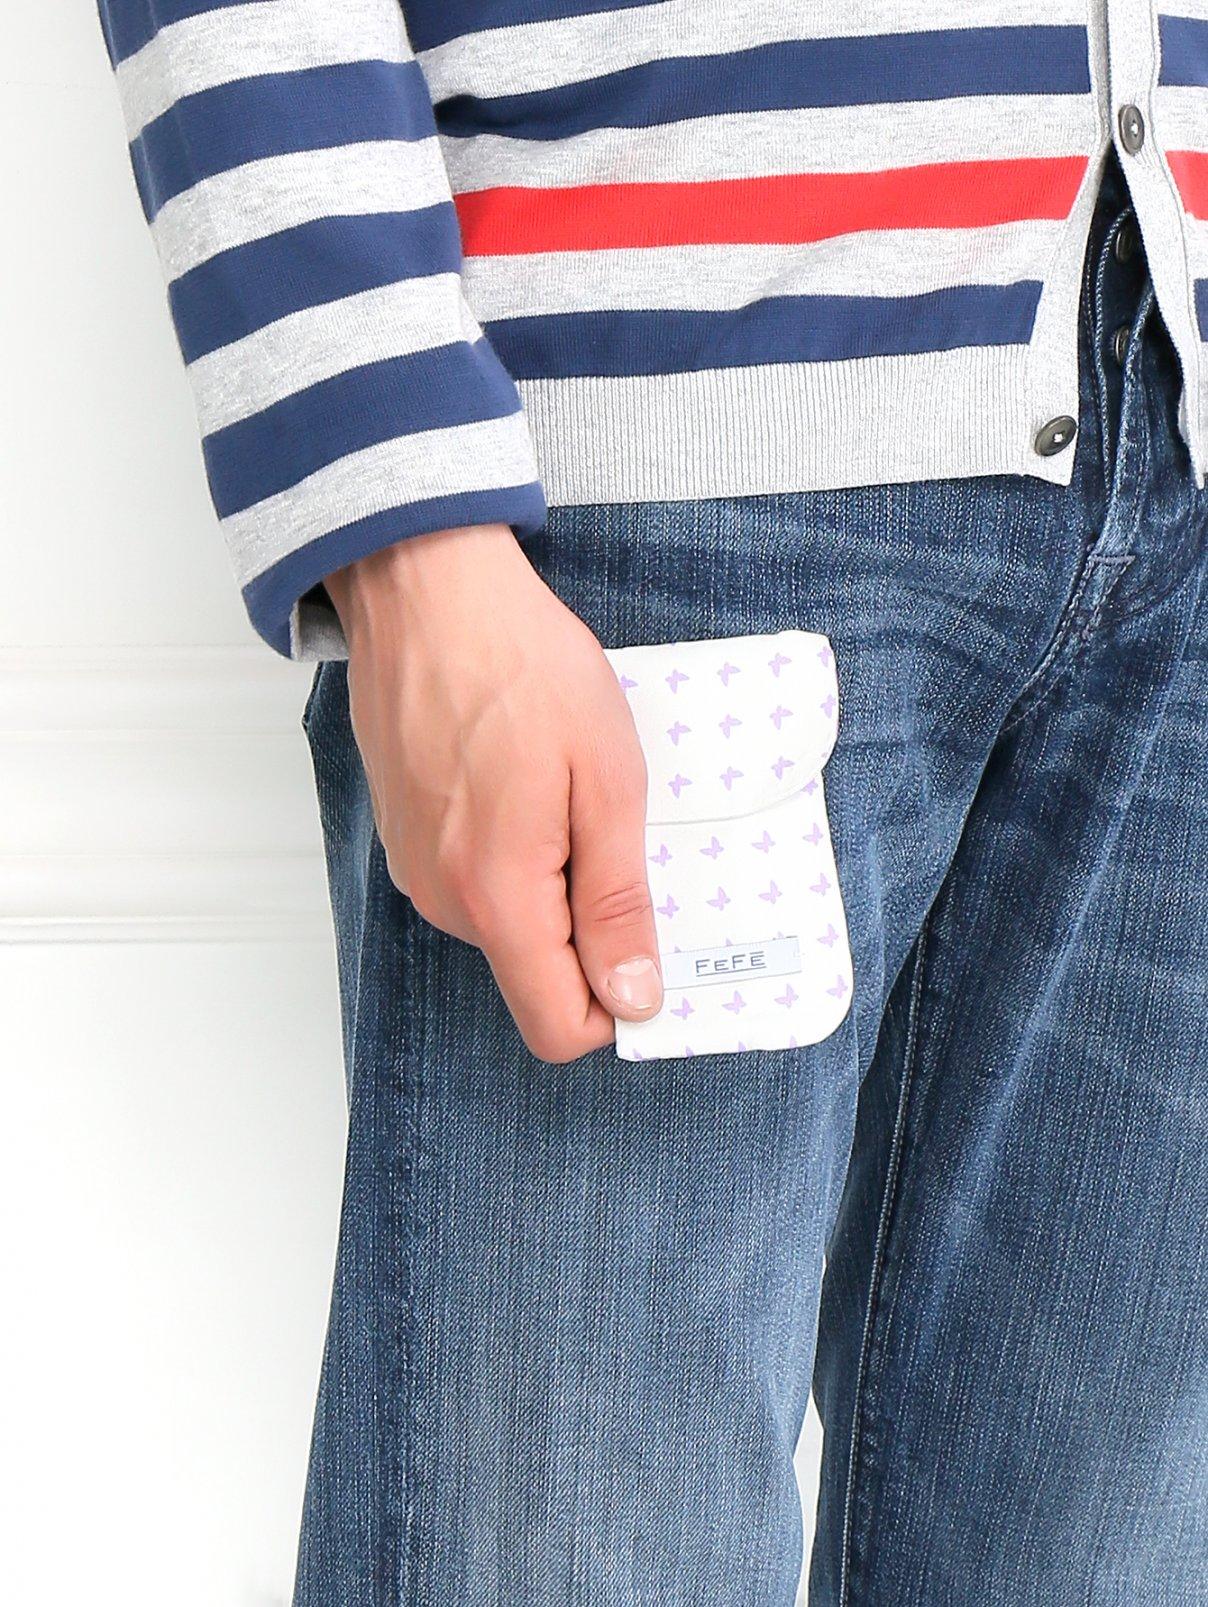 Чехол для IPhone из шелка с узором Fefe  –  Модель Общий вид  – Цвет:  Белый